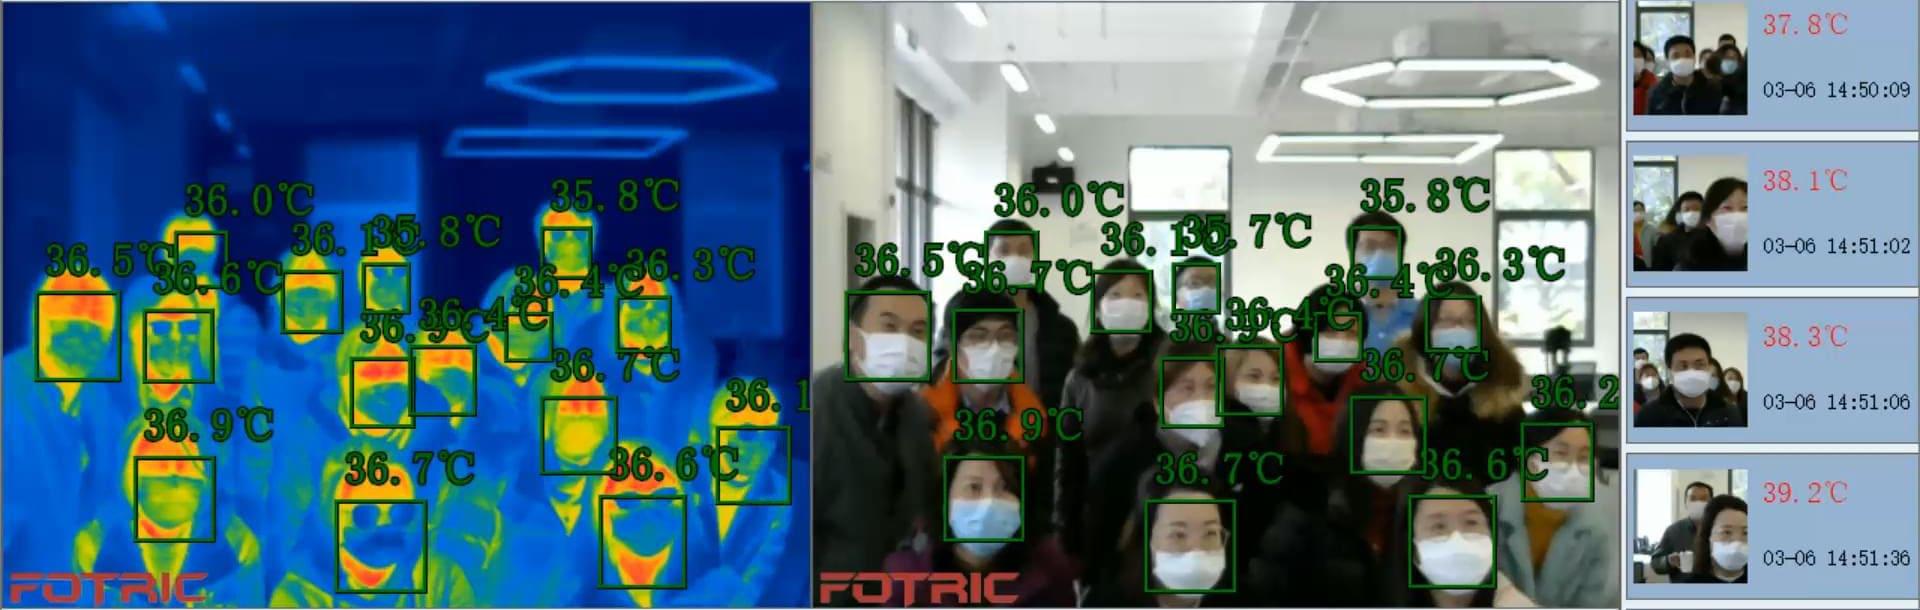 fotric226b-b.jpg